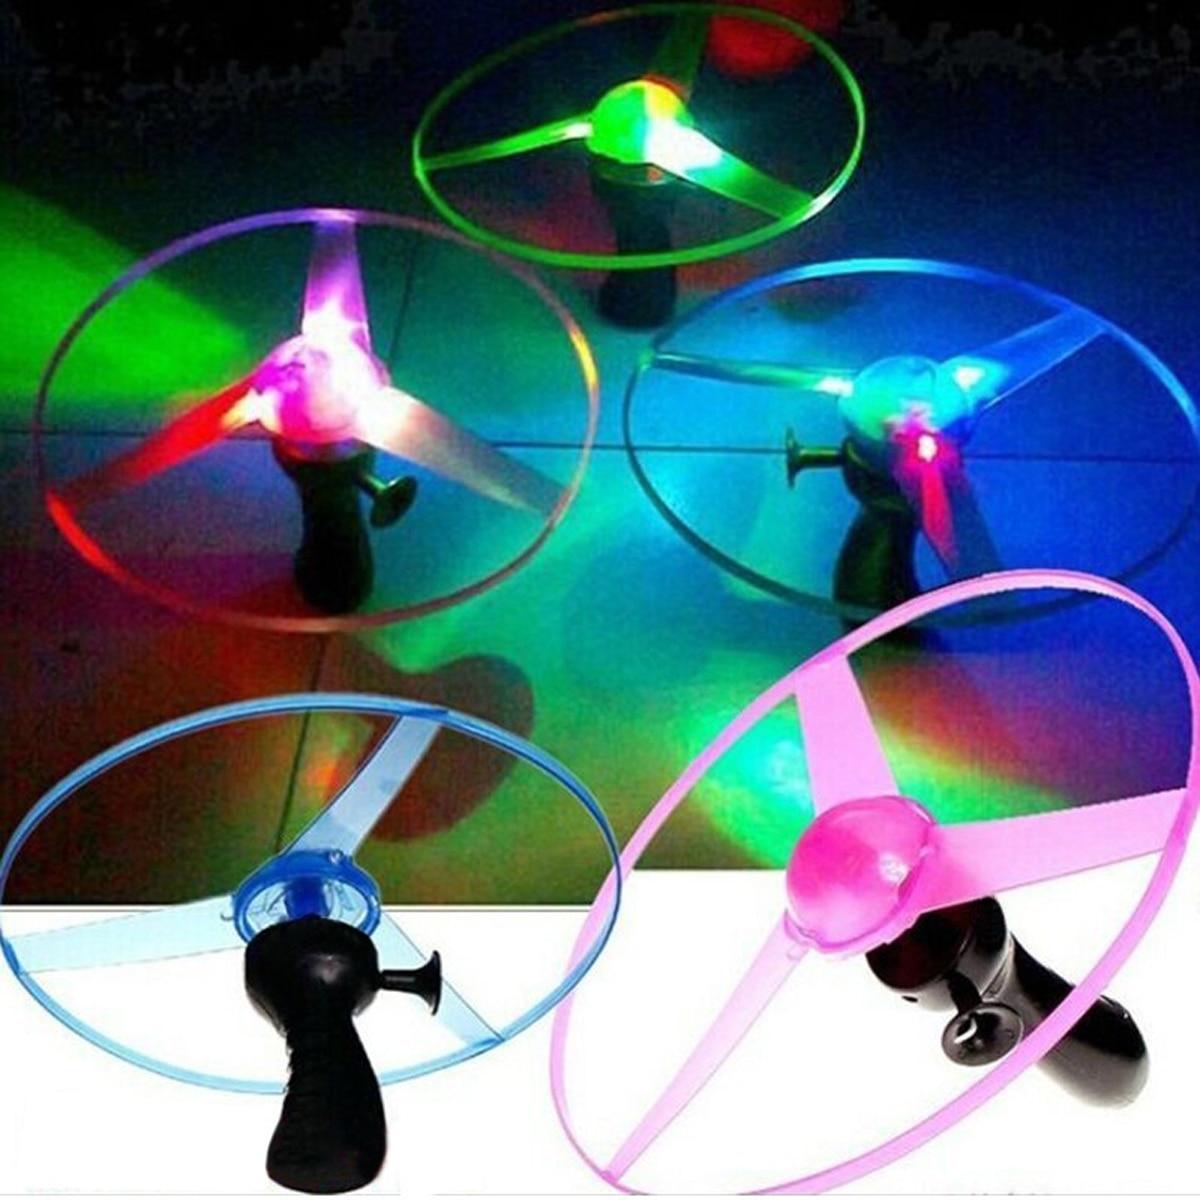 2017 visoko kakovost 1pcs zelena / modra barva naključno vrtijo LED utripajoče luči helikopter leteči krožnik NLP Otroška igrača na prostem